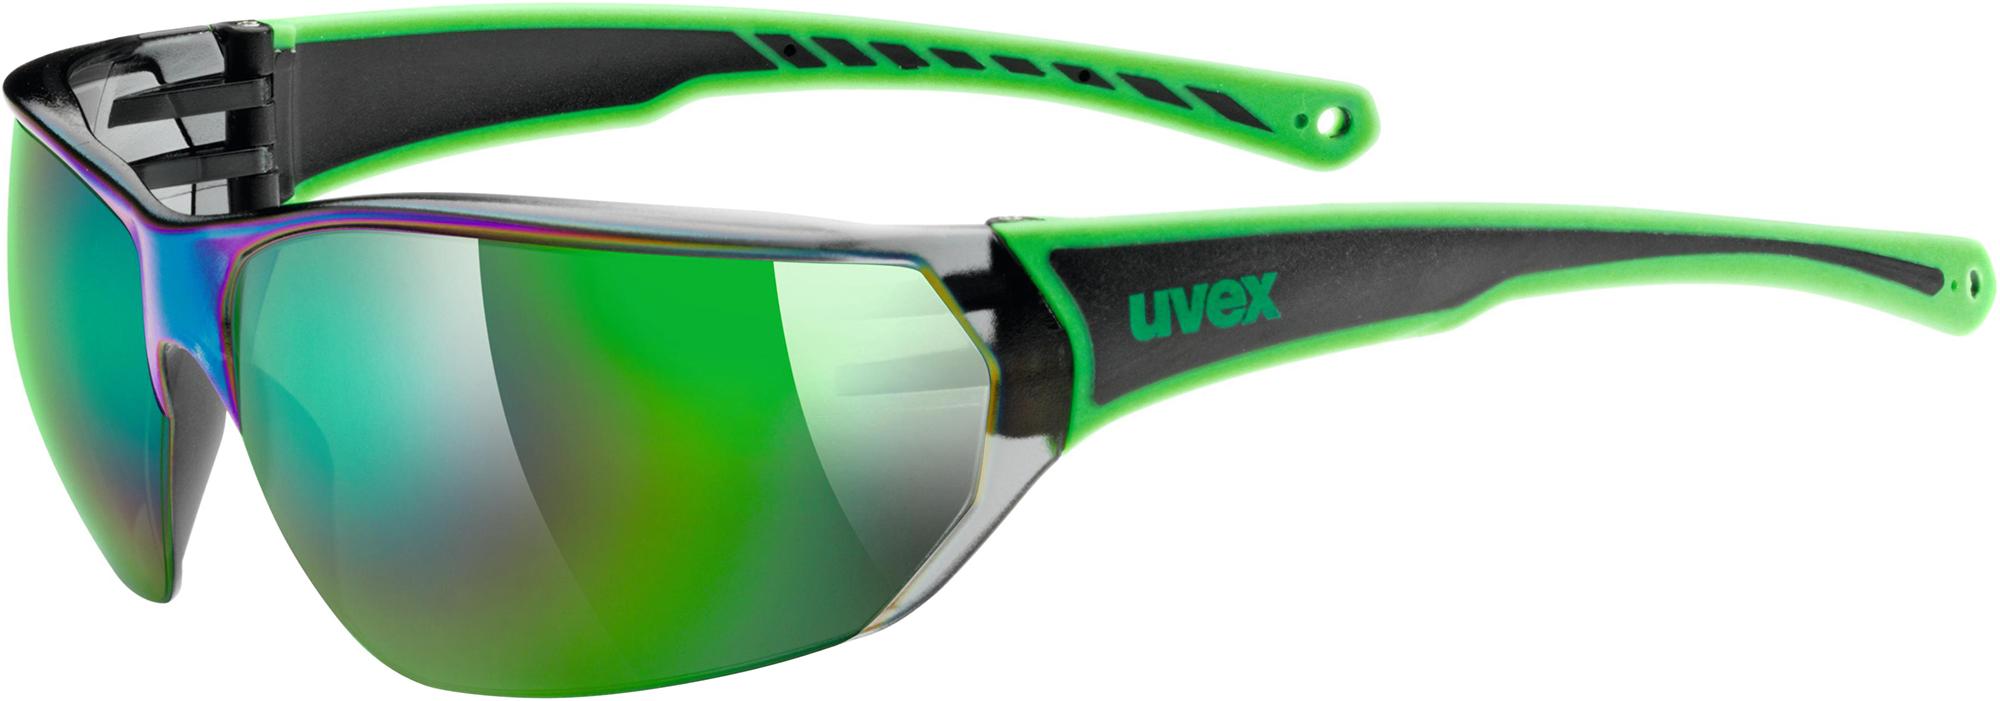 Uvex Солнцезащитные очки Uvex Sportstyle 204